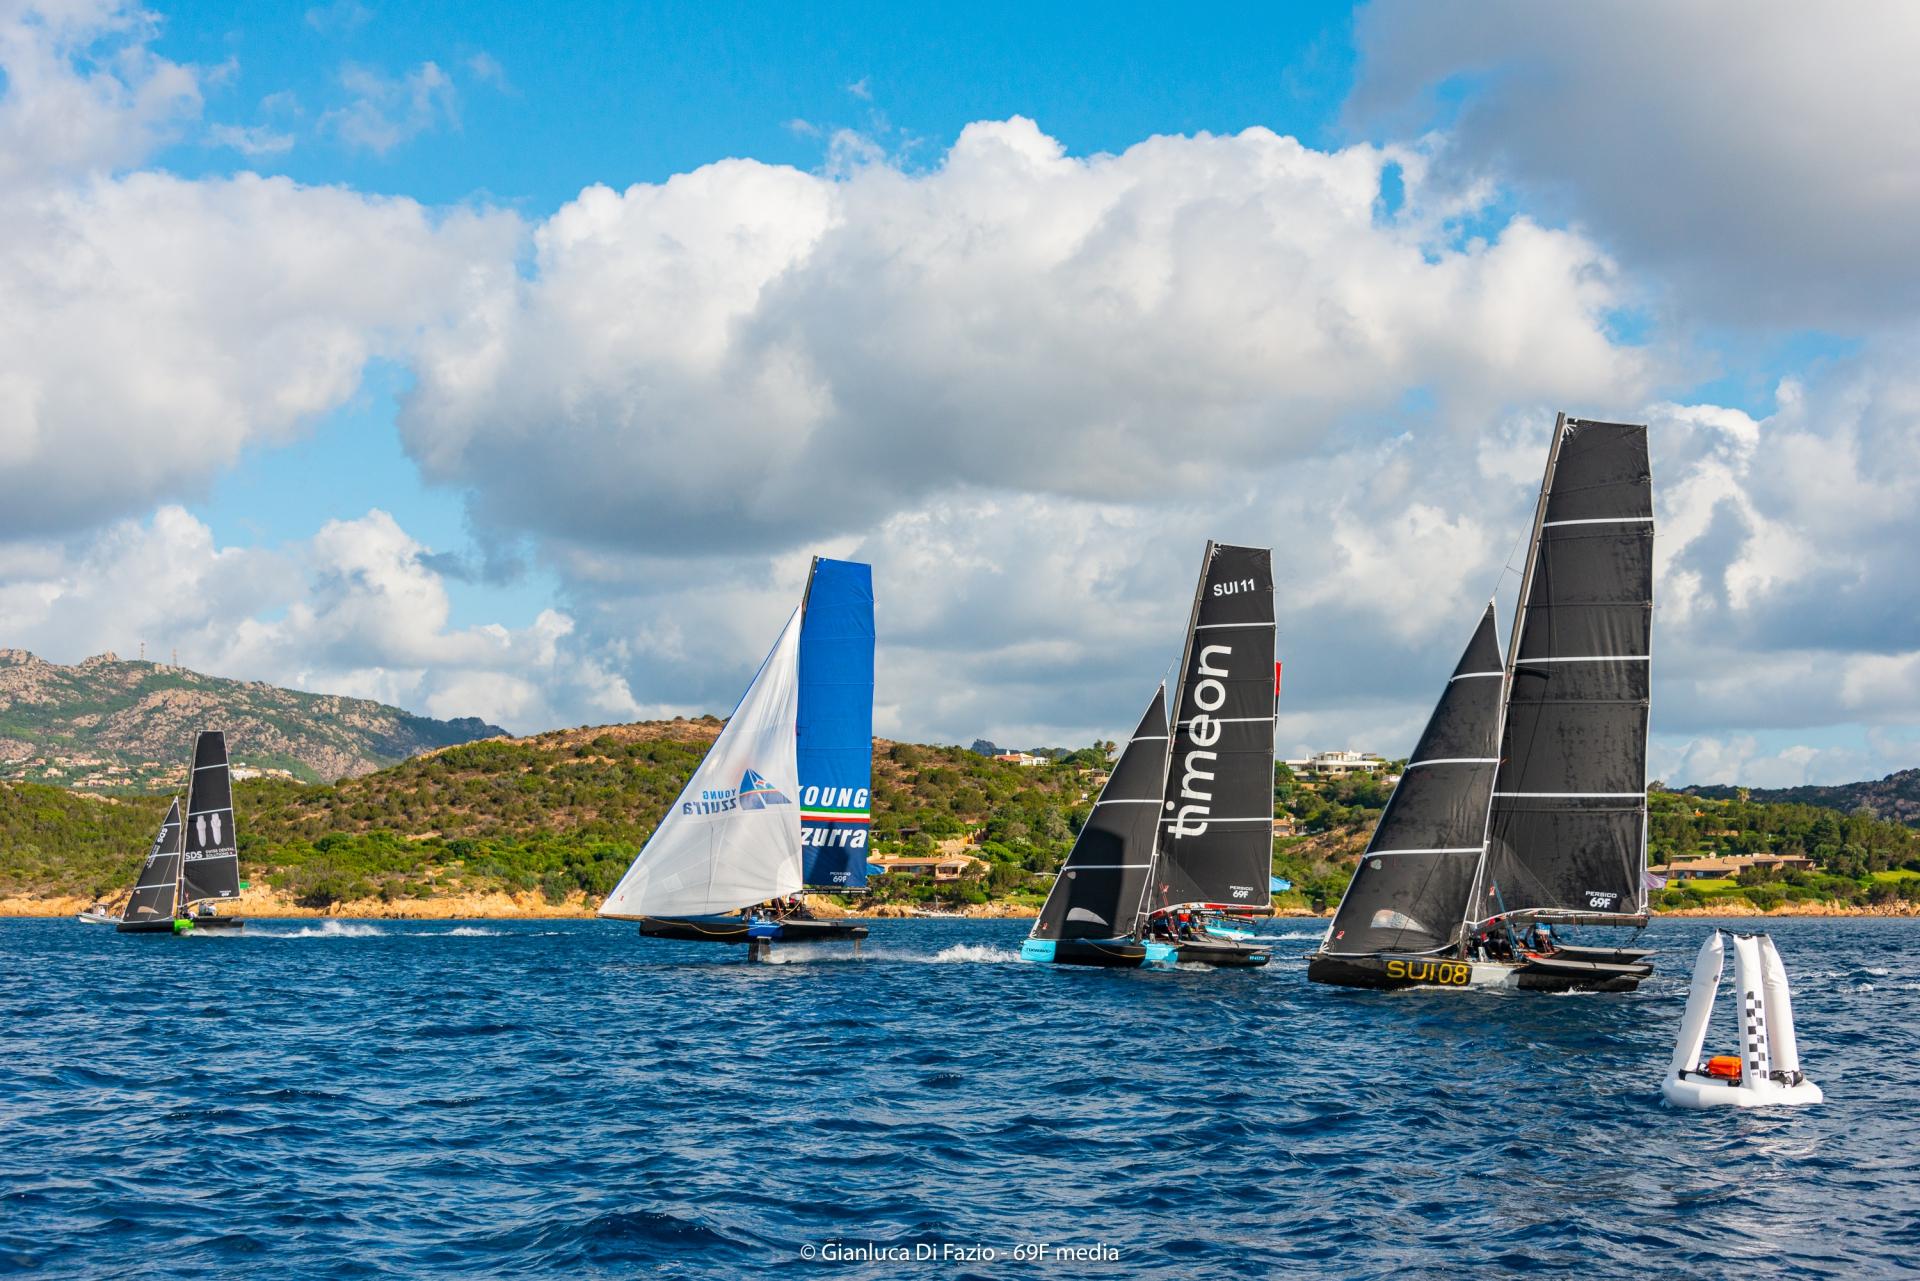 Al via il Persico 69F Cup Grand Prix 2.2 - NEWS - Yacht Club Costa Smeralda